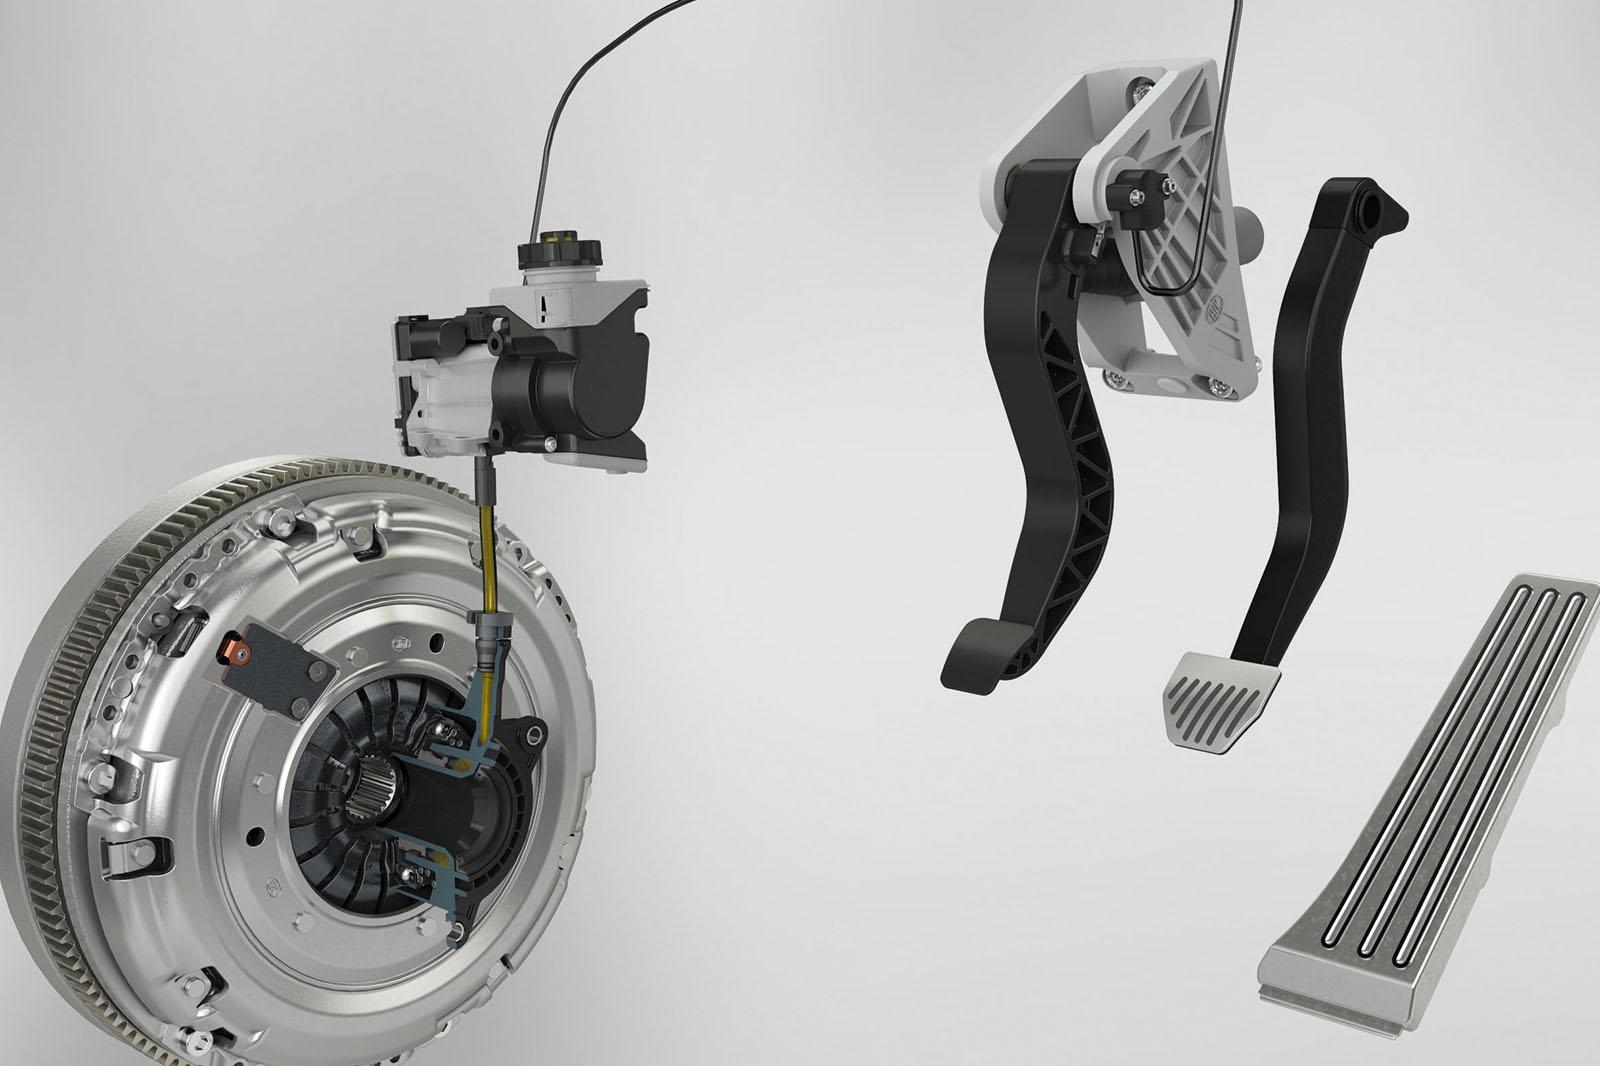 Новая муфта позволяет гибридам запускать механические коробки передач